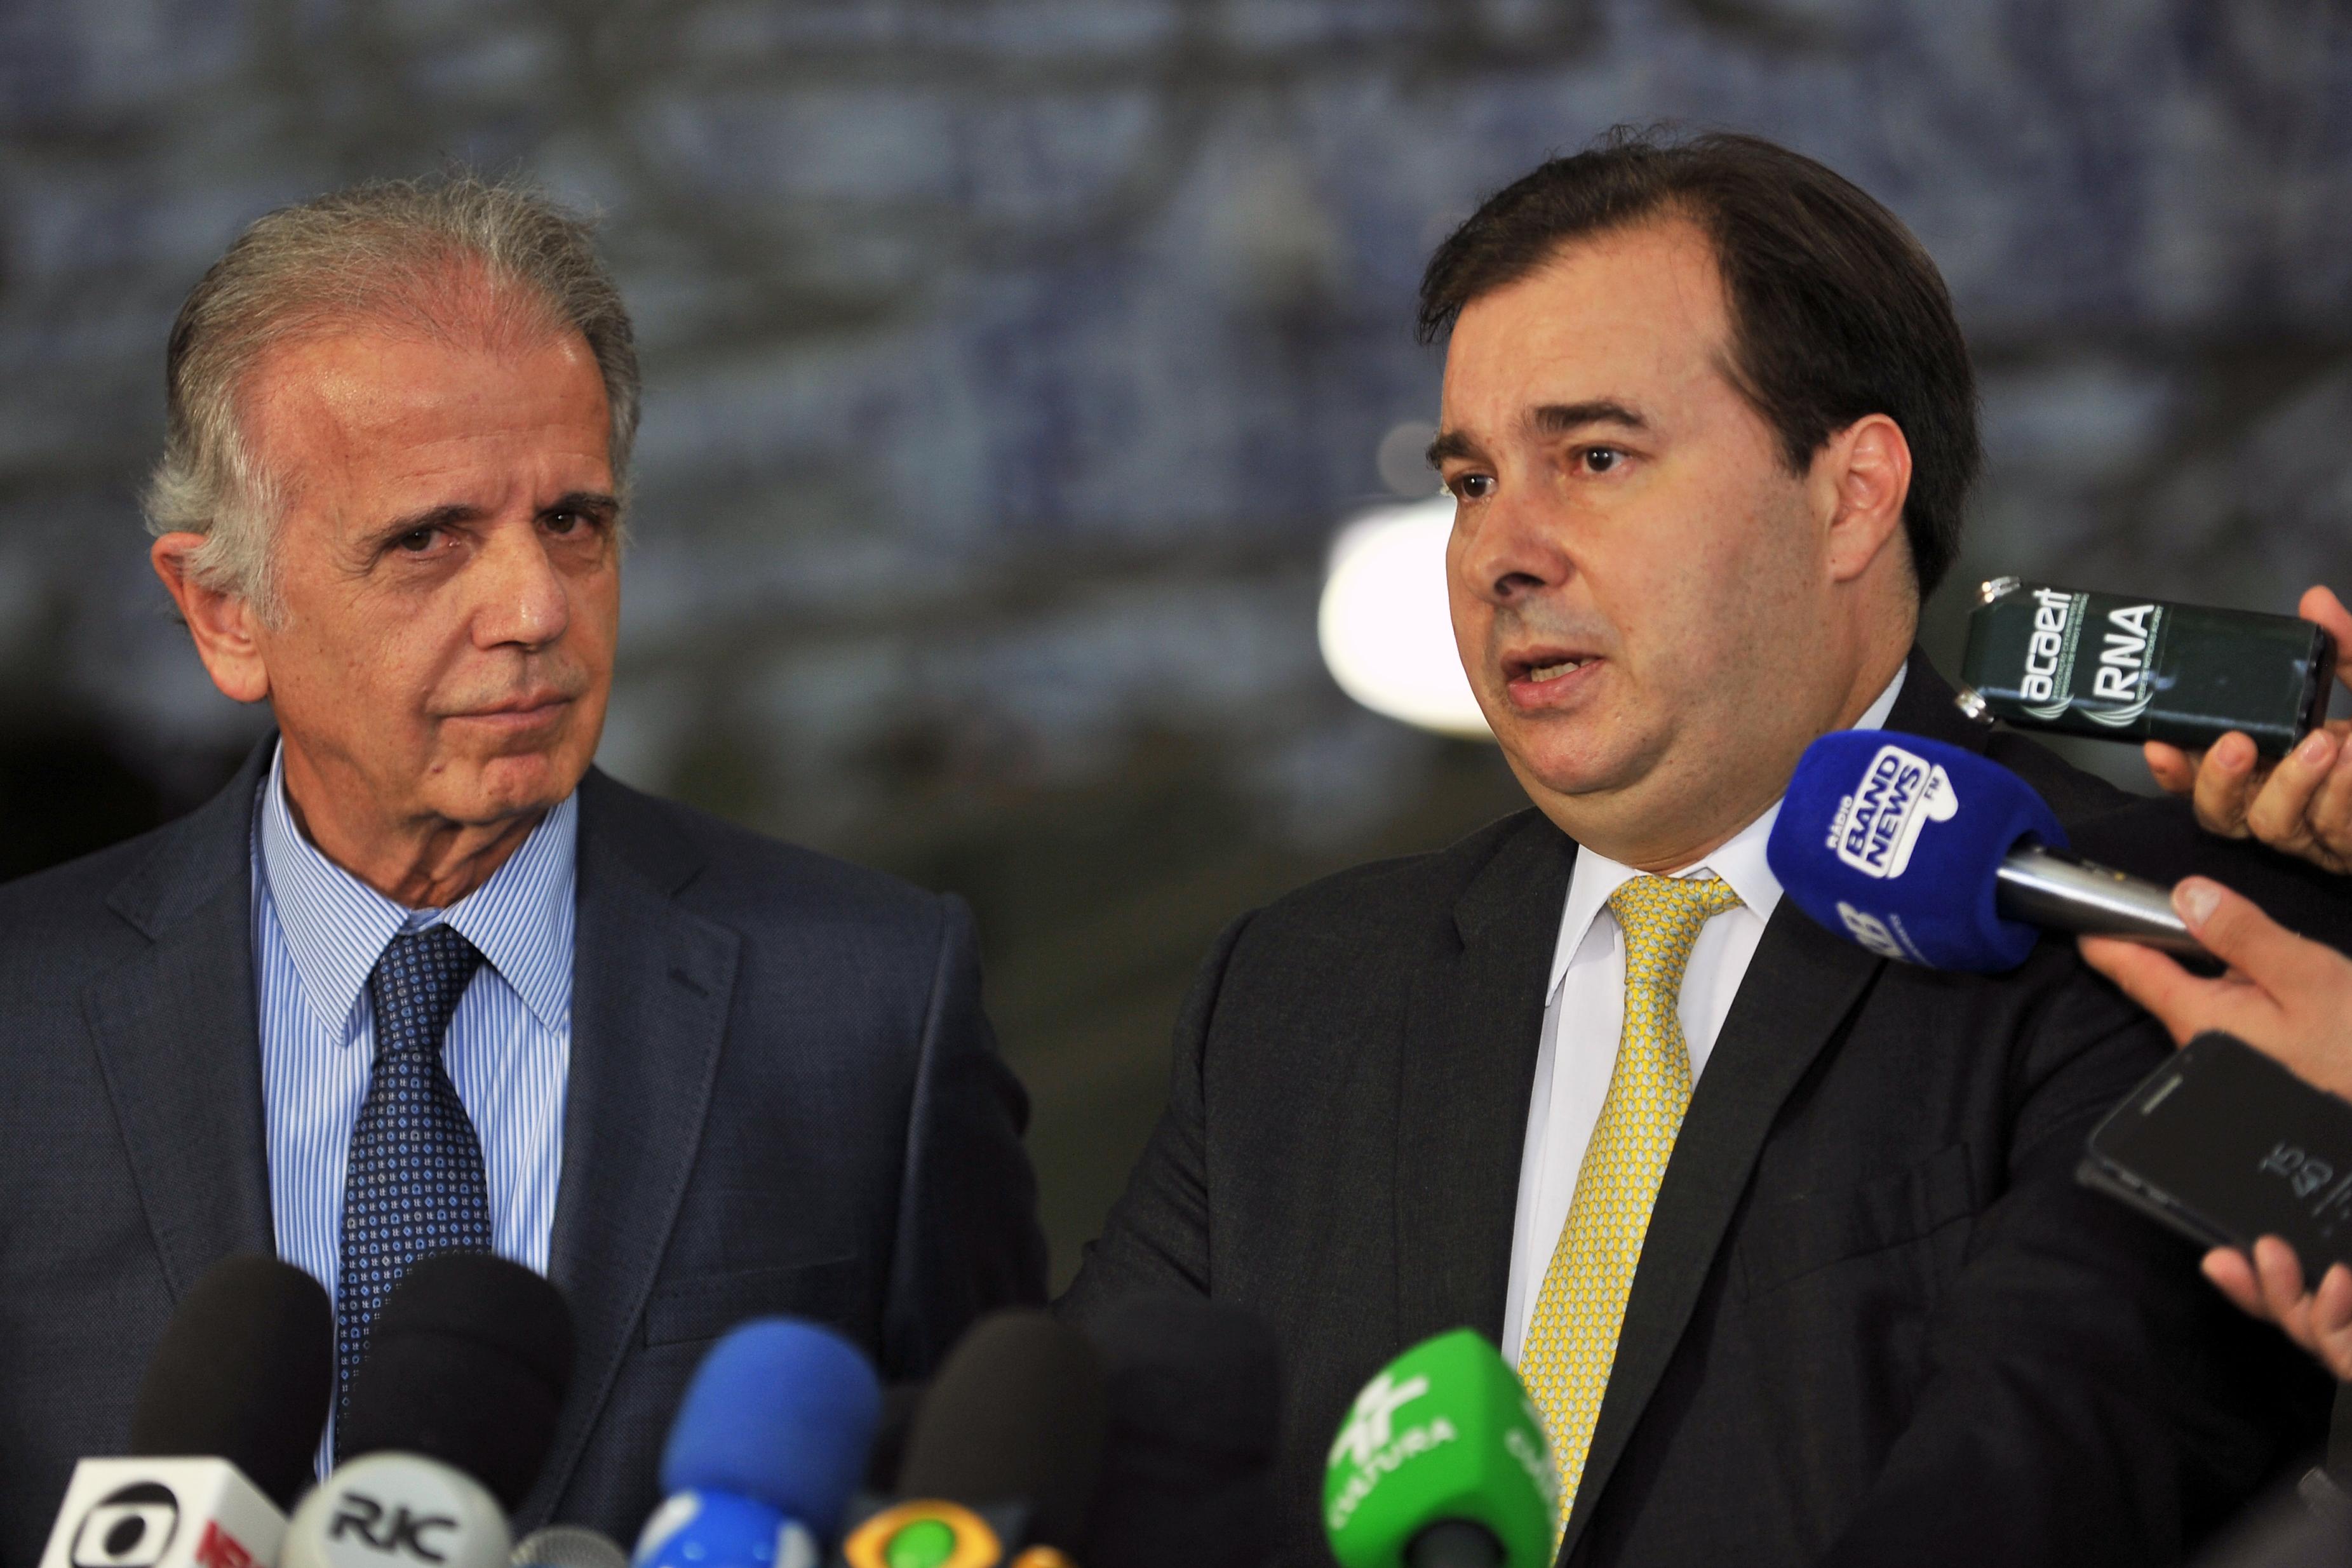 Presidente da Câmara dos Deputados, Dep. Rodrigo Maia, recebe o presidente do TCU, Ministro José Múcio Monteiro.